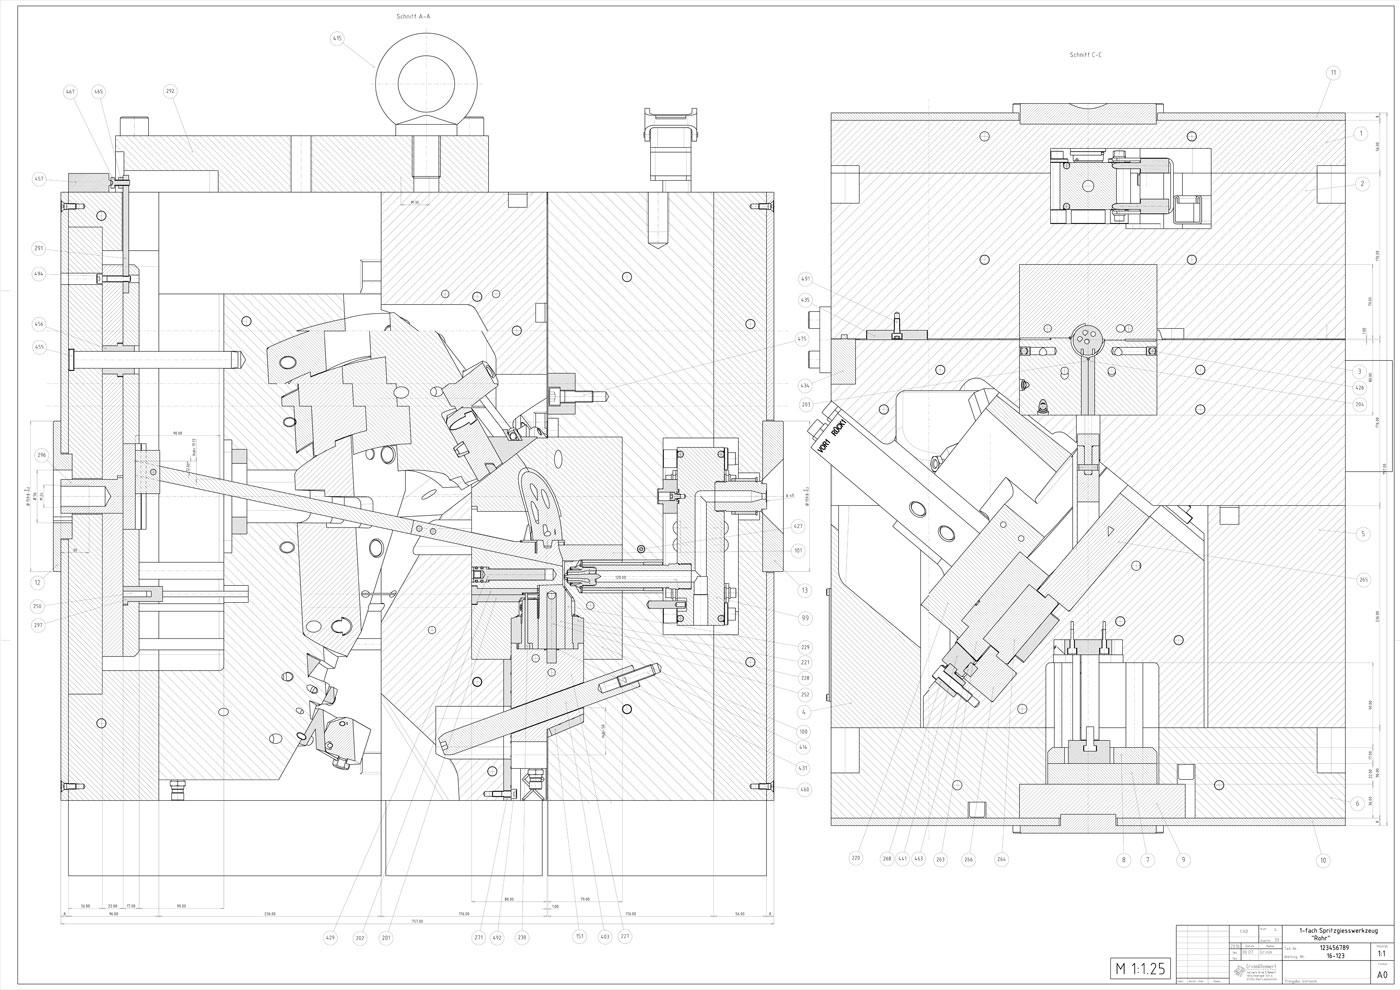 2D, Grimm & Remmert, Konstruktion nach Artikelzeichnung und 2D Daten